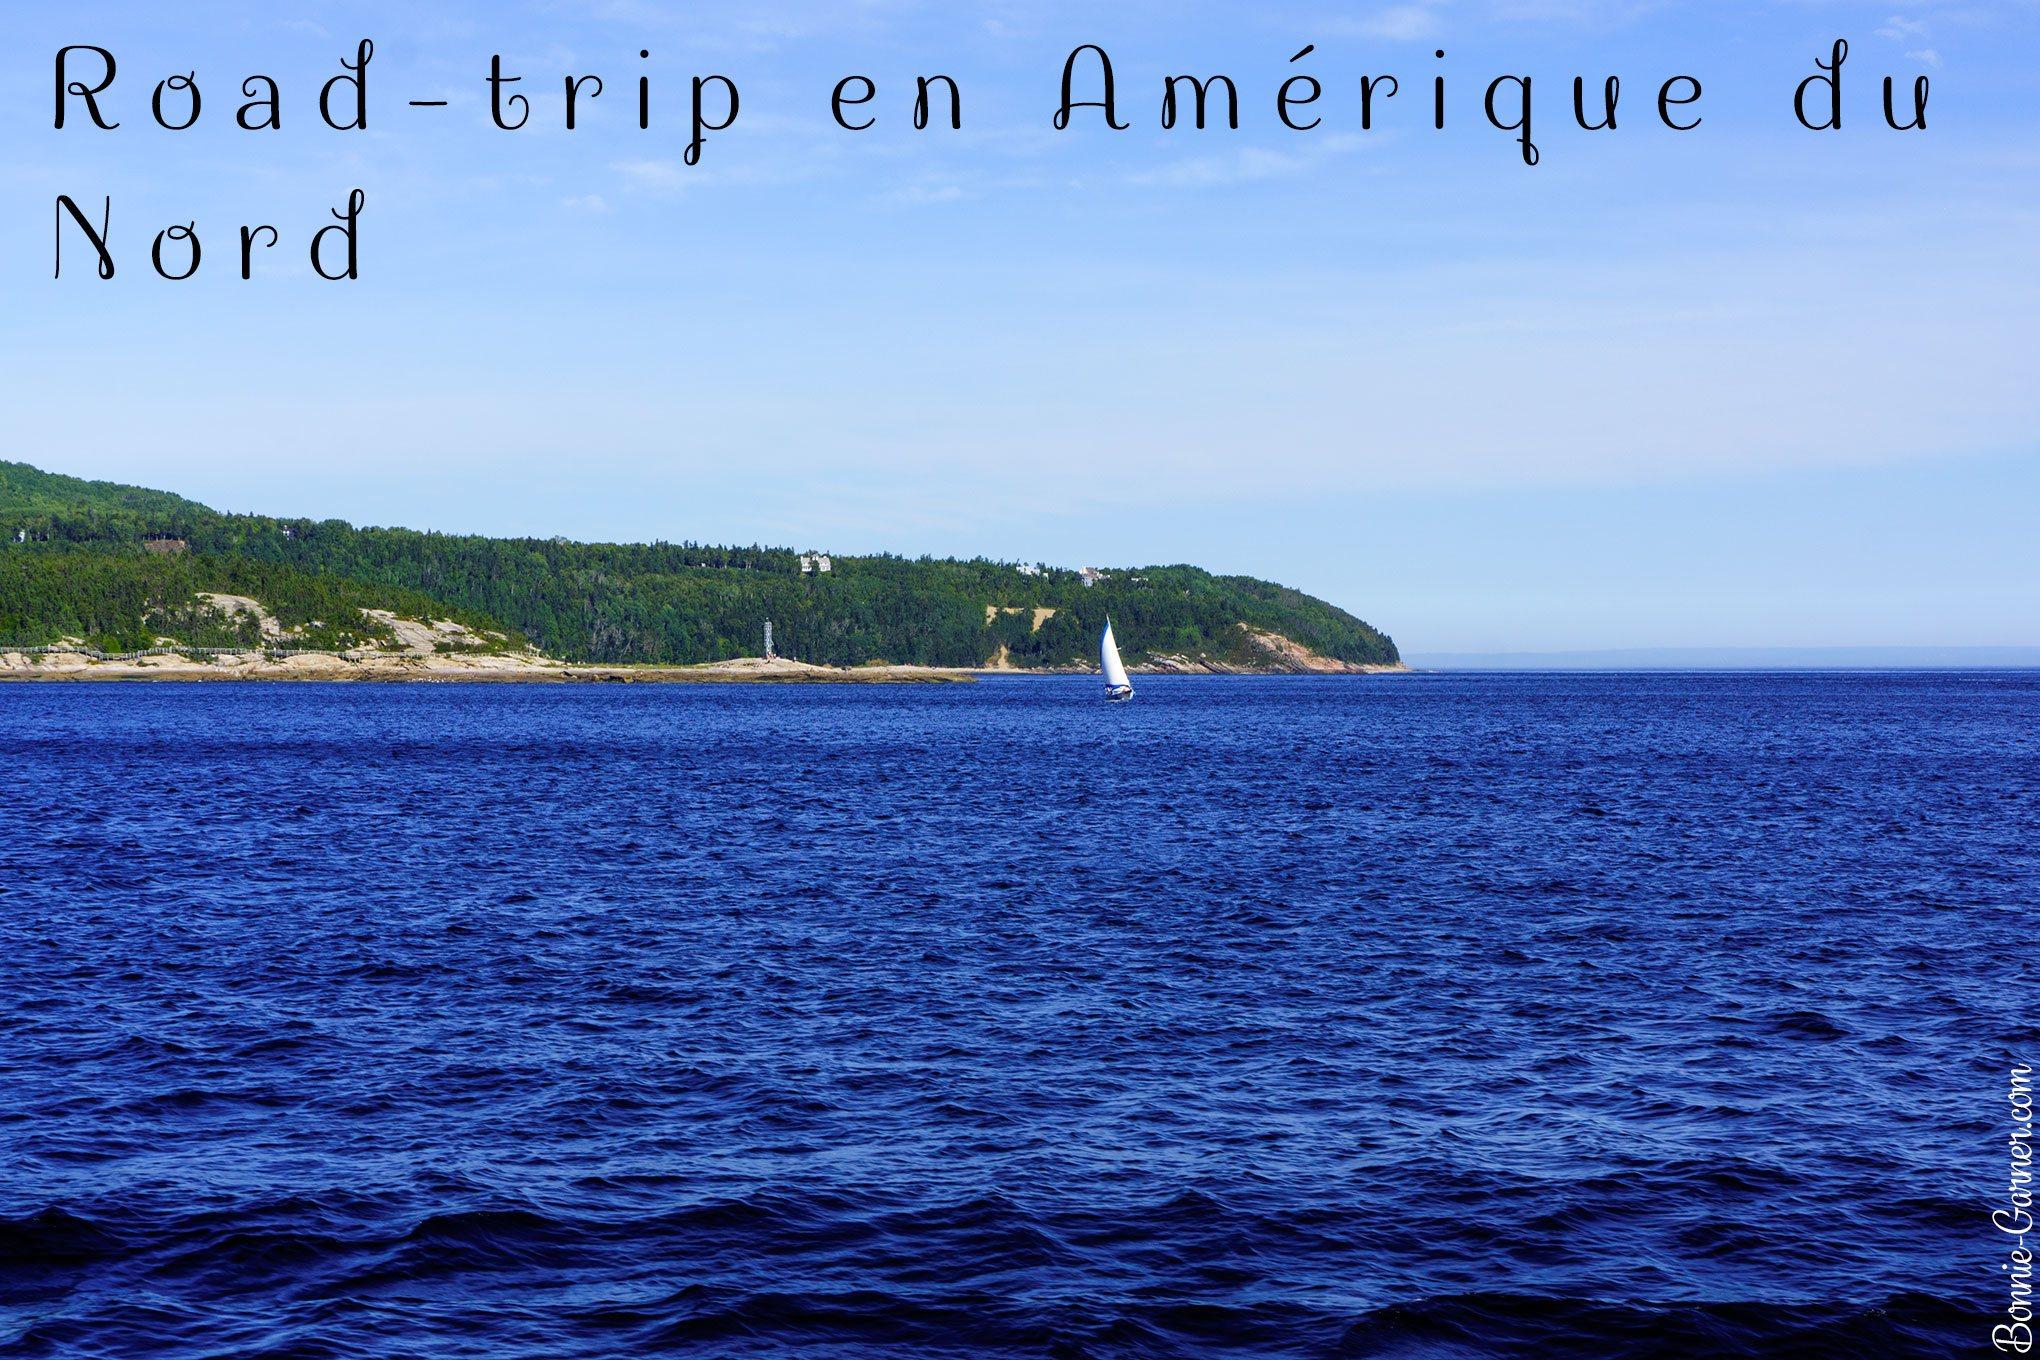 Road-trip en Amérique du Nord